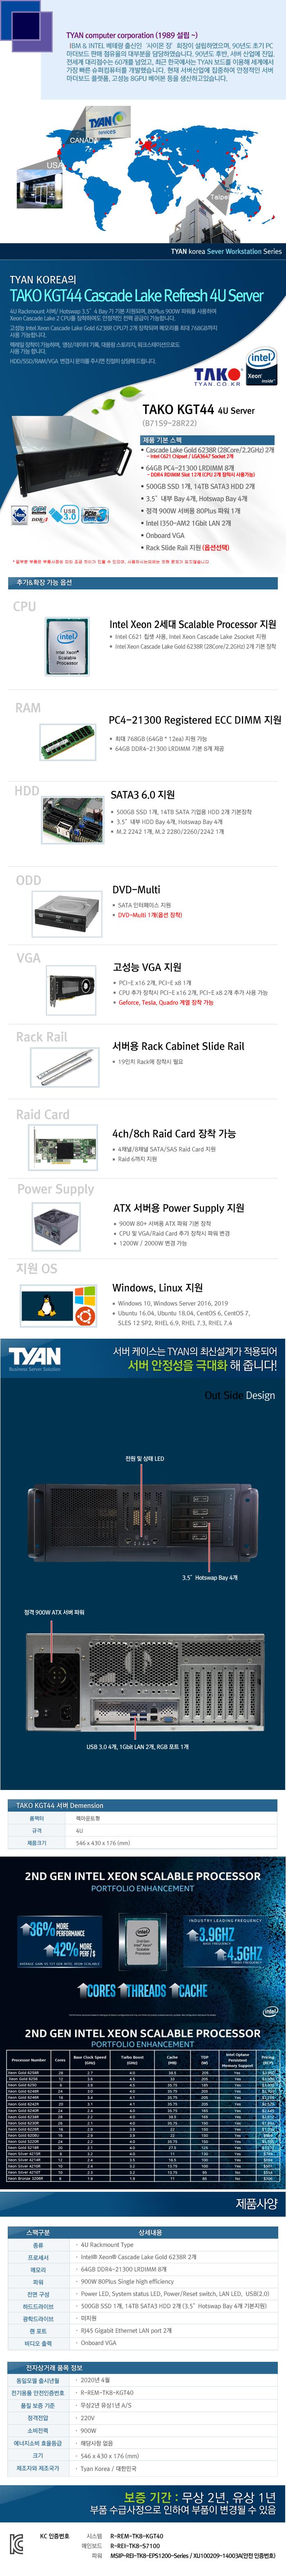 TYAN TAKO-KGT44-(B71S9-28R22) (512GB, SSD 500GB + 28TB)